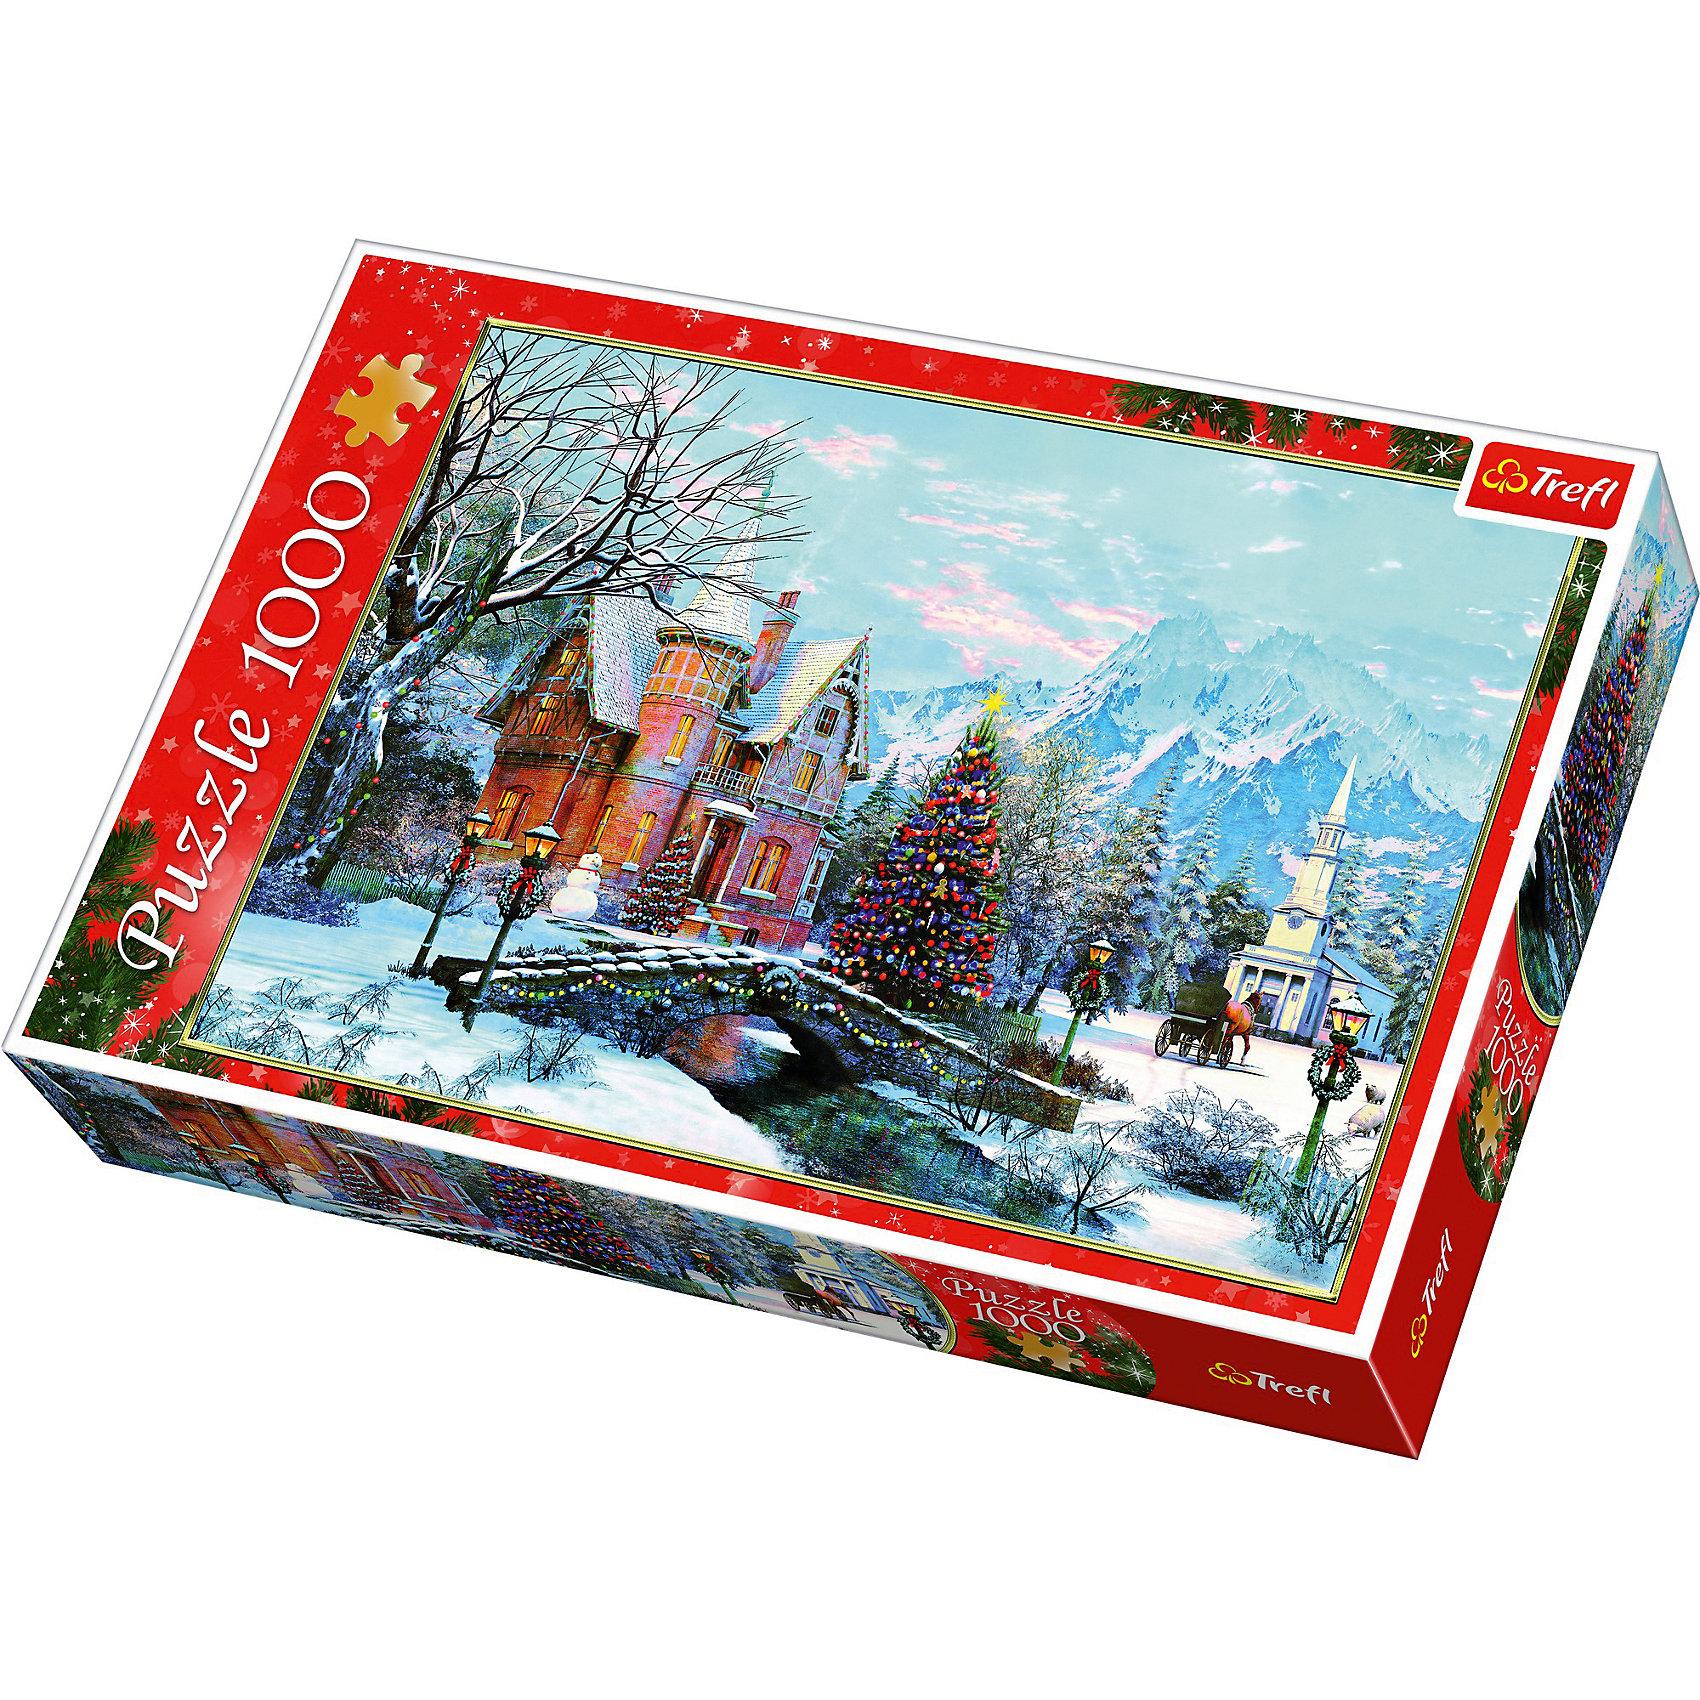 Пазлы Зимний пейзаж, 1000 элементовПазлы для детей постарше<br>Пазлы Trefl 10439 Зимний пейзаж посвящены рождественской тематике. На нем изображен европейский город на фоне гор. Городок готовится к встрече Рождества и имеет соответсвующие украшения в виде праздничной елки, гирлянд и венков. <br><br>Пазл состоит из 1000 деталей. Каждый элемент вырезан из картона при помощи высокоточного оборудования. Это позволяет добиться легкой стыкуемости всех деталей головоломки.<br><br>Мозаика может быть рекомендована для взрослых и подростков от 14 лет. Дети более младшего возраста могут собирать пазл в компании взрослых.<br><br>Ширина мм: 90<br>Глубина мм: 270<br>Высота мм: 60<br>Вес г: 750<br>Возраст от месяцев: 168<br>Возраст до месяцев: 2147483647<br>Пол: Унисекс<br>Возраст: Детский<br>SKU: 7126366